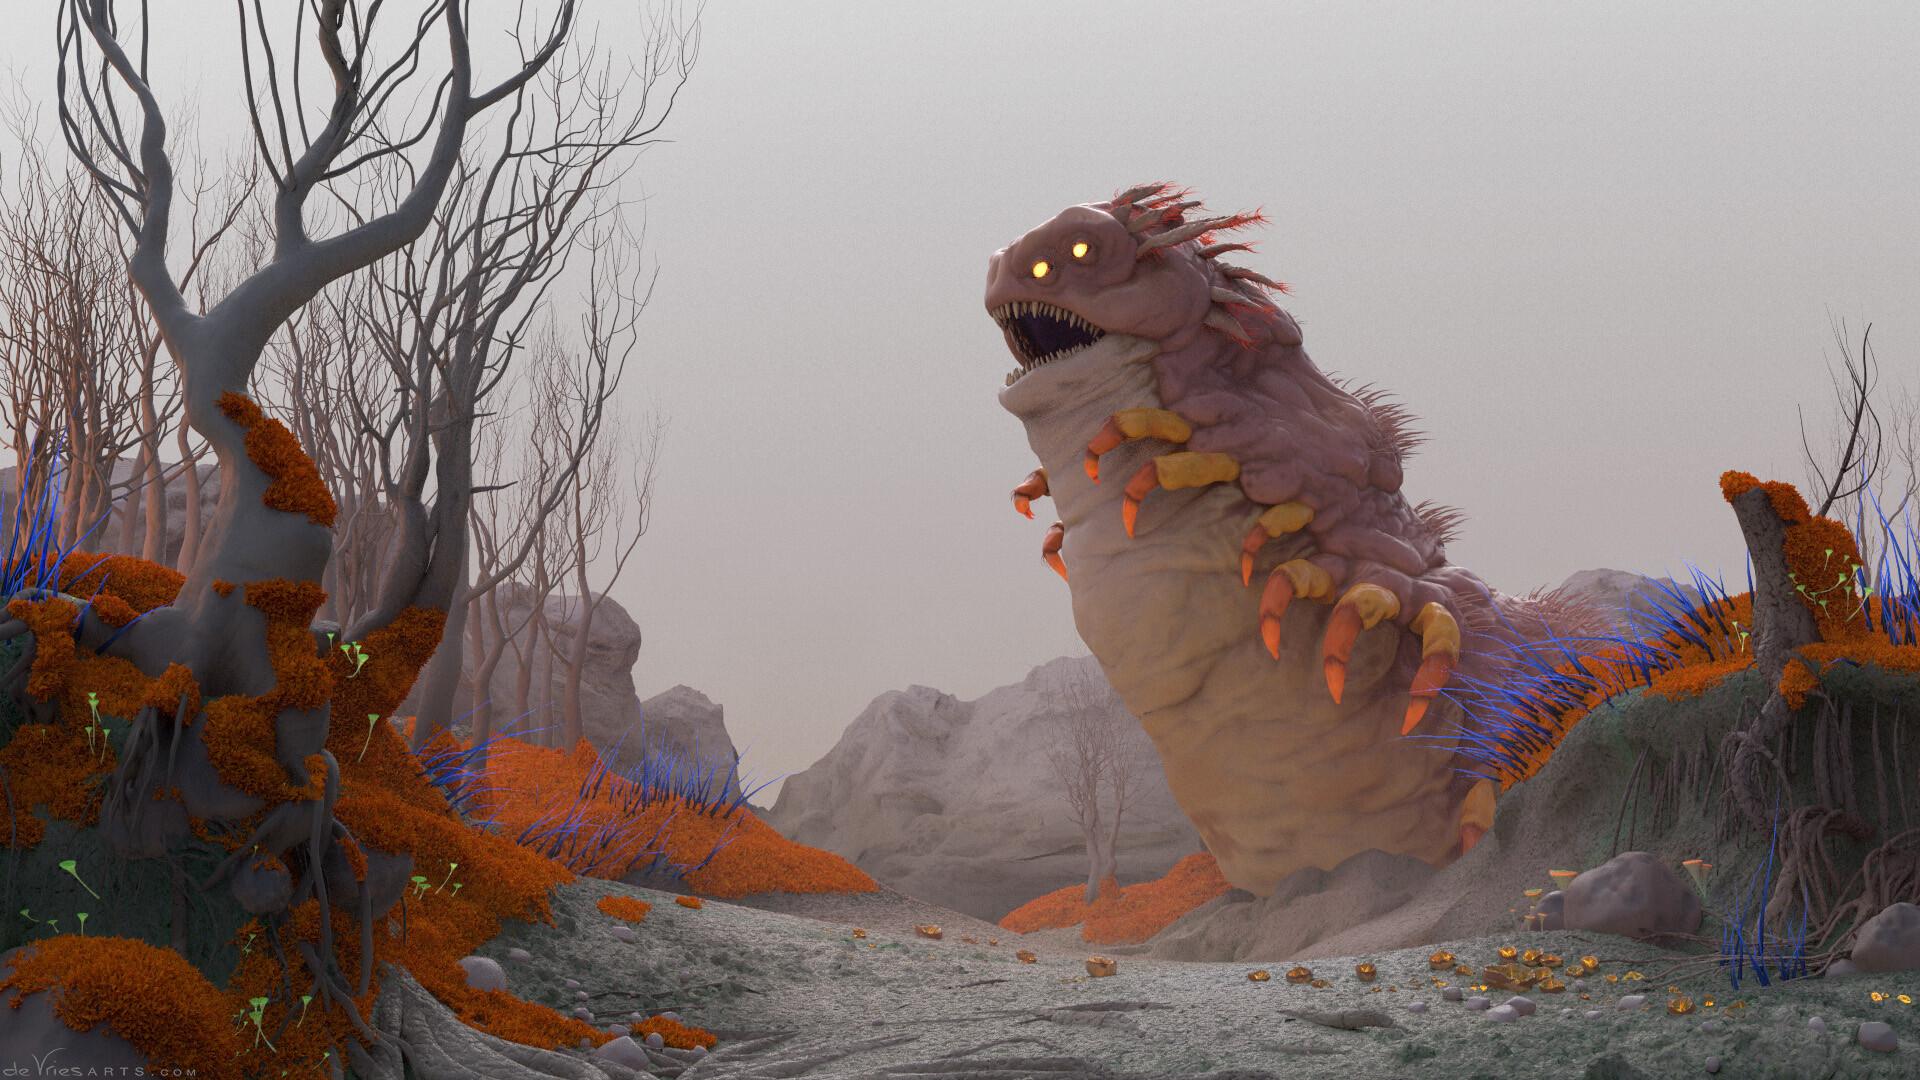 Thijs de vries 05b worm thijsdevries devriesarts